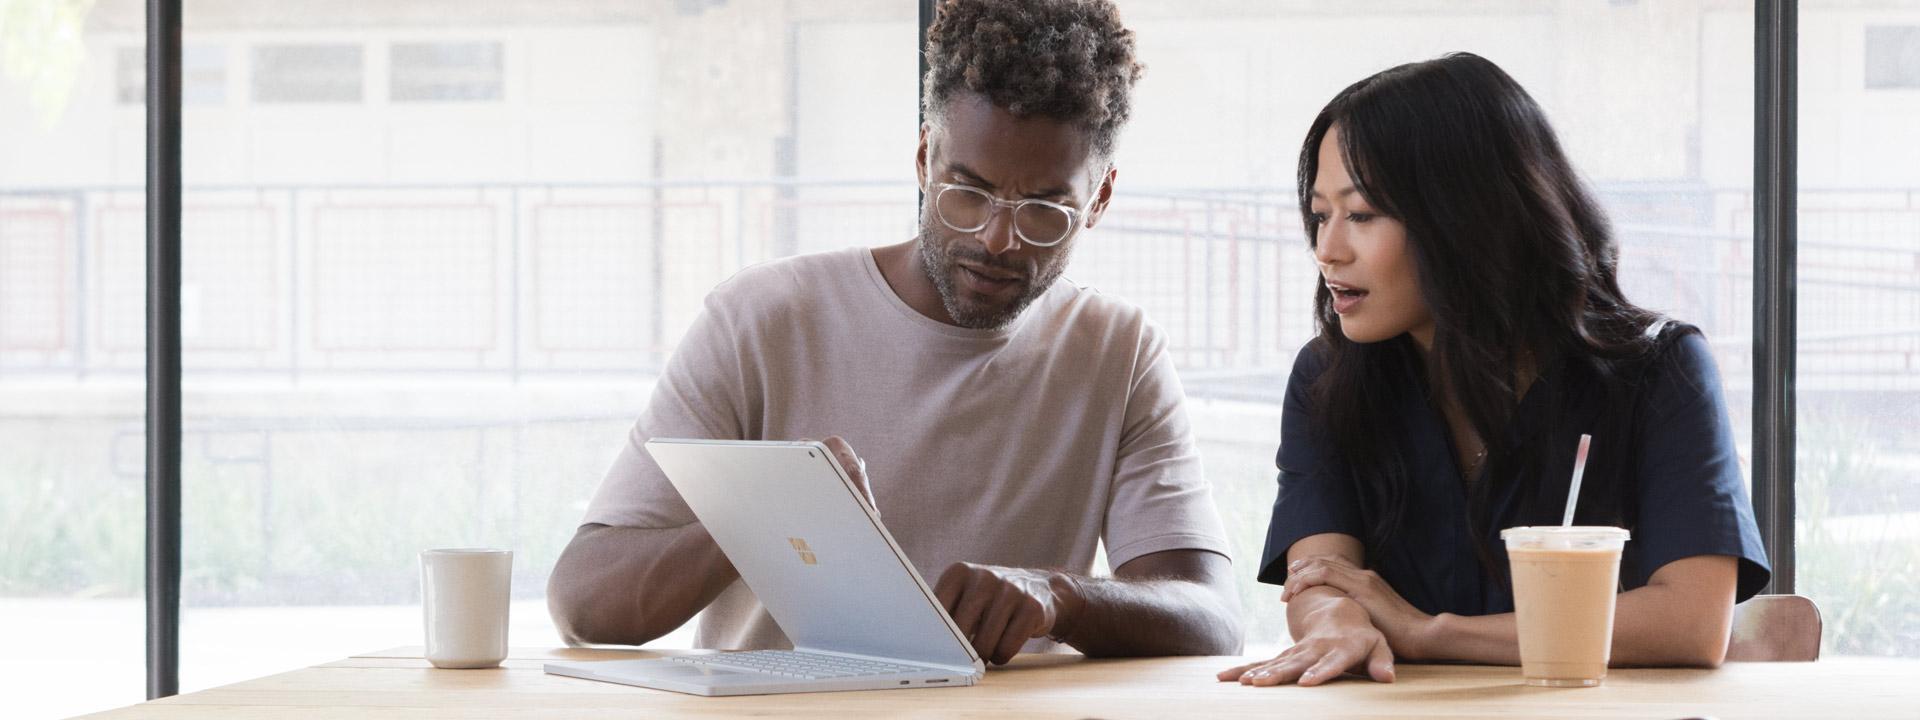 Homem e mulher a observarem o Surface Book 2, com o teclado recolhido, num café.